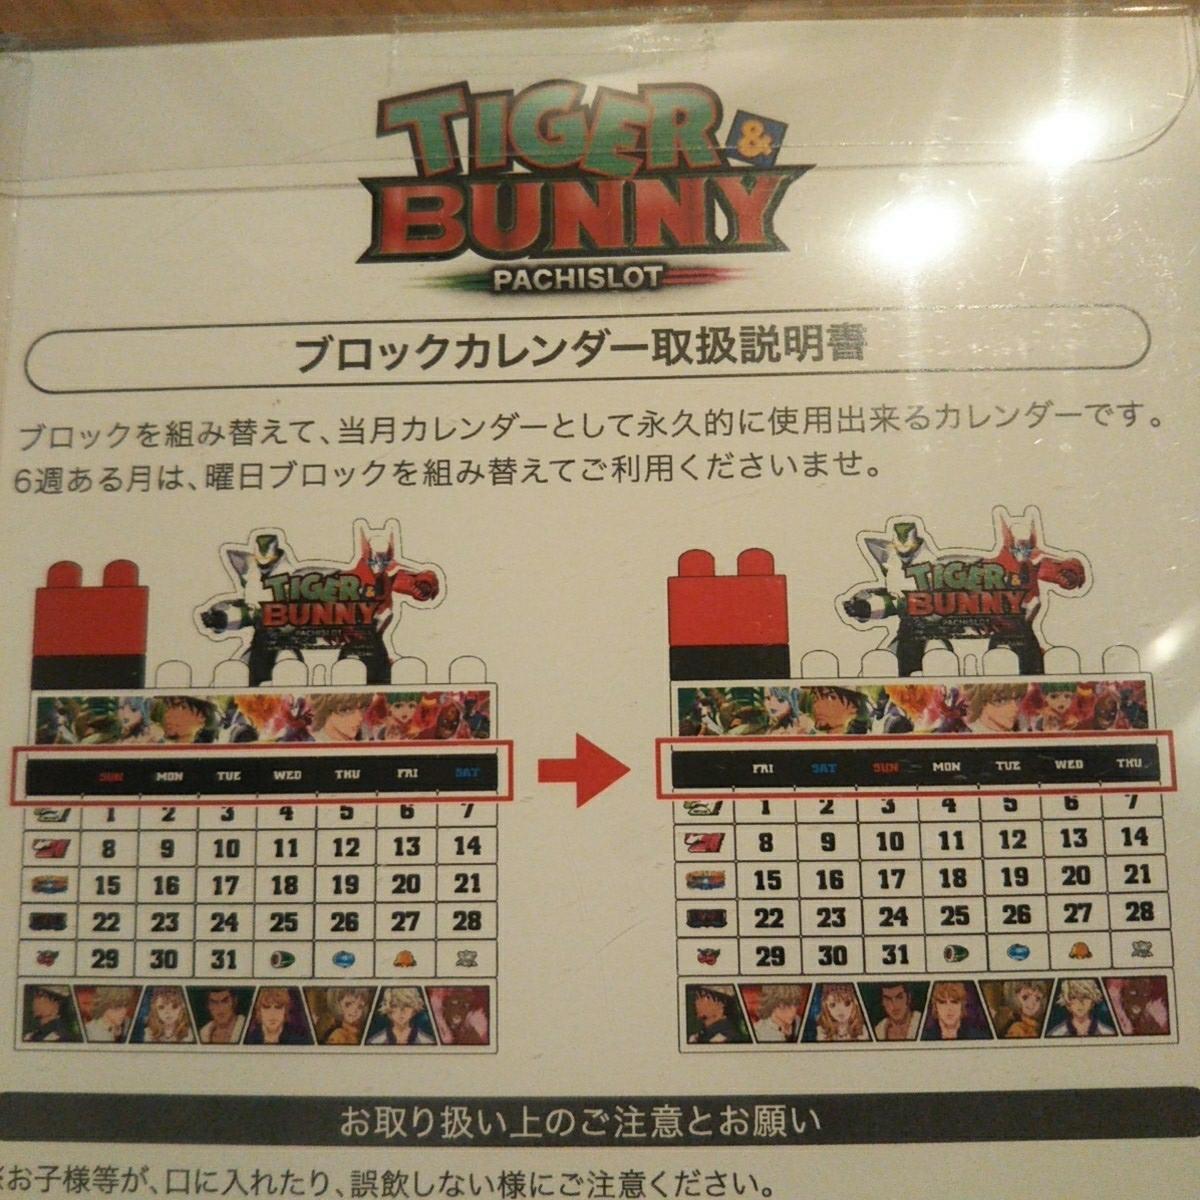 タイガー&バニー オリジナルブロックカレンダー 非売品 TIGER&BUNNY タイバニ 懸賞当選品 パチスロ_画像6